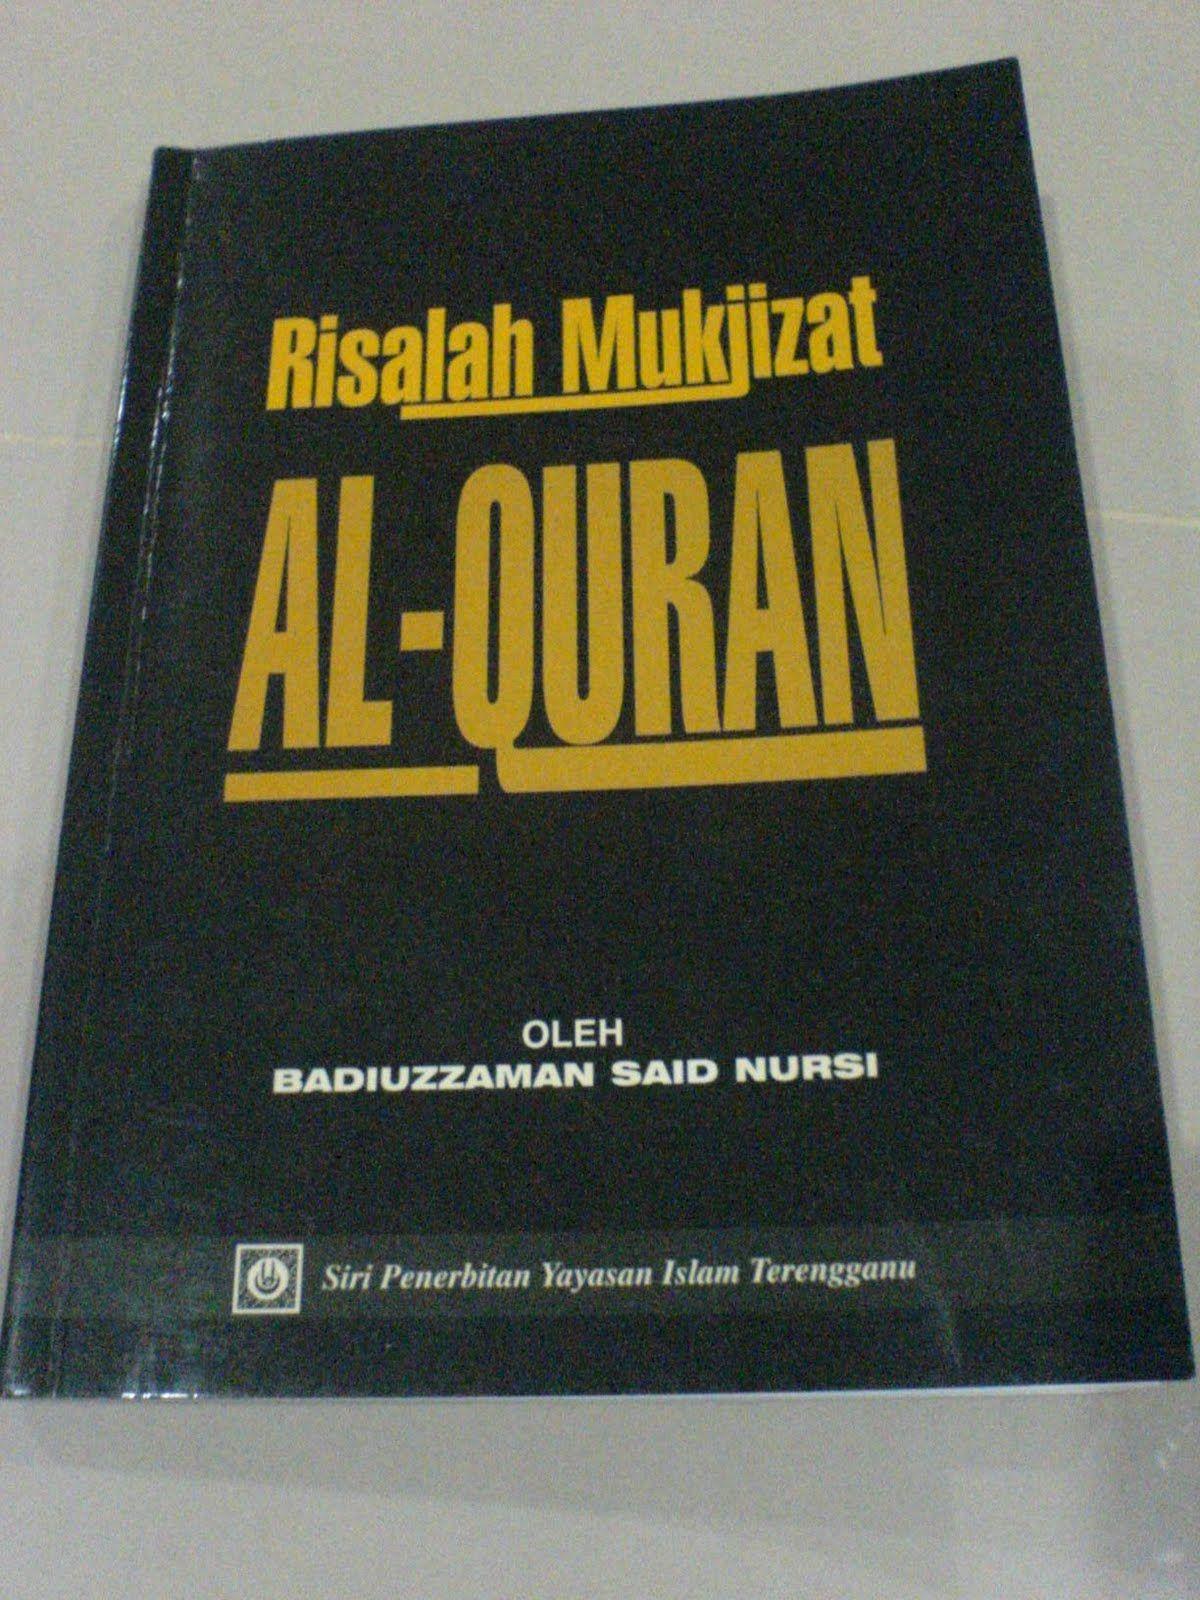 Contoh Resensi Buku Ilmu Pengetahuan Populer - http://ahmadjn.com ...